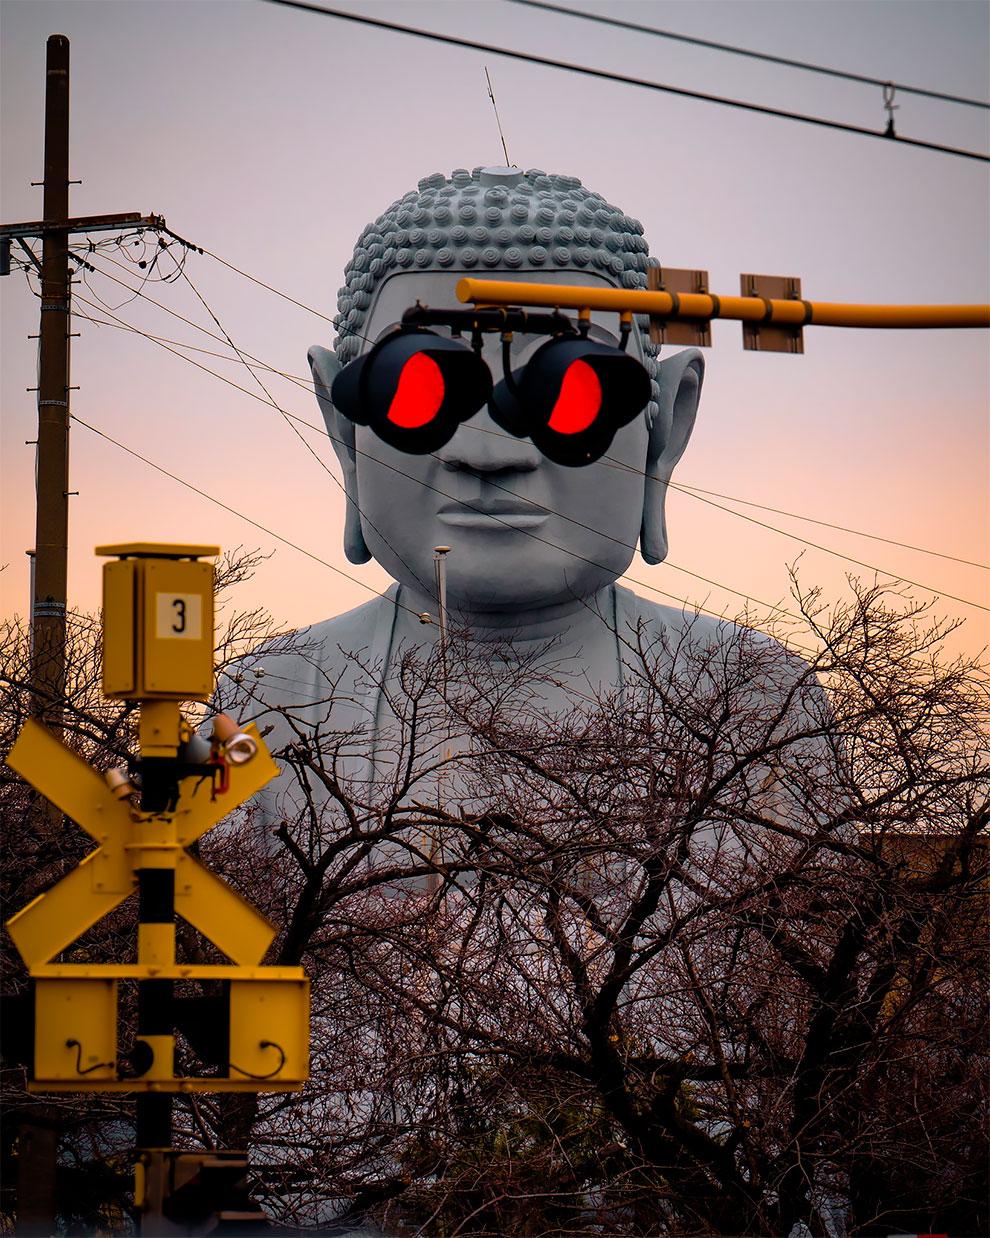 El Gran Buda en Japón está cada vez más canchero (2)